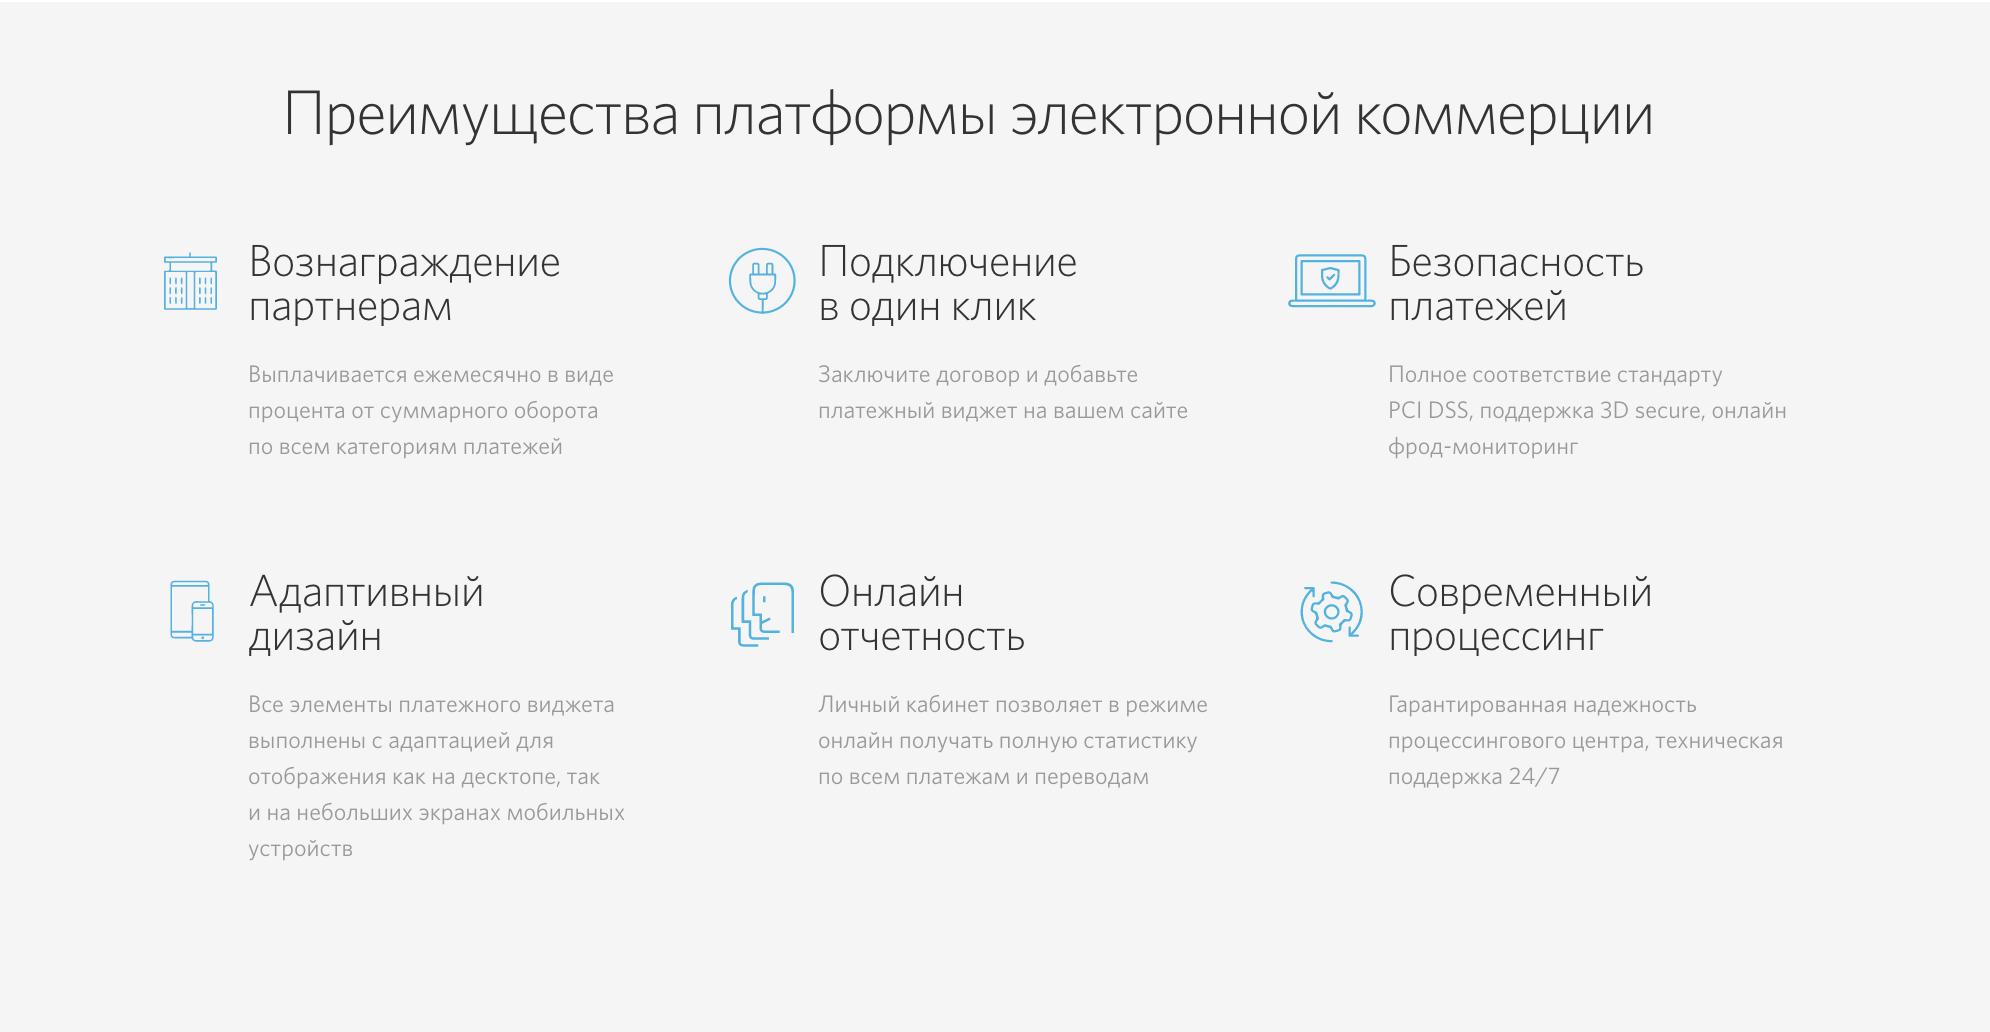 Бинбанк — мобильный эквайринг